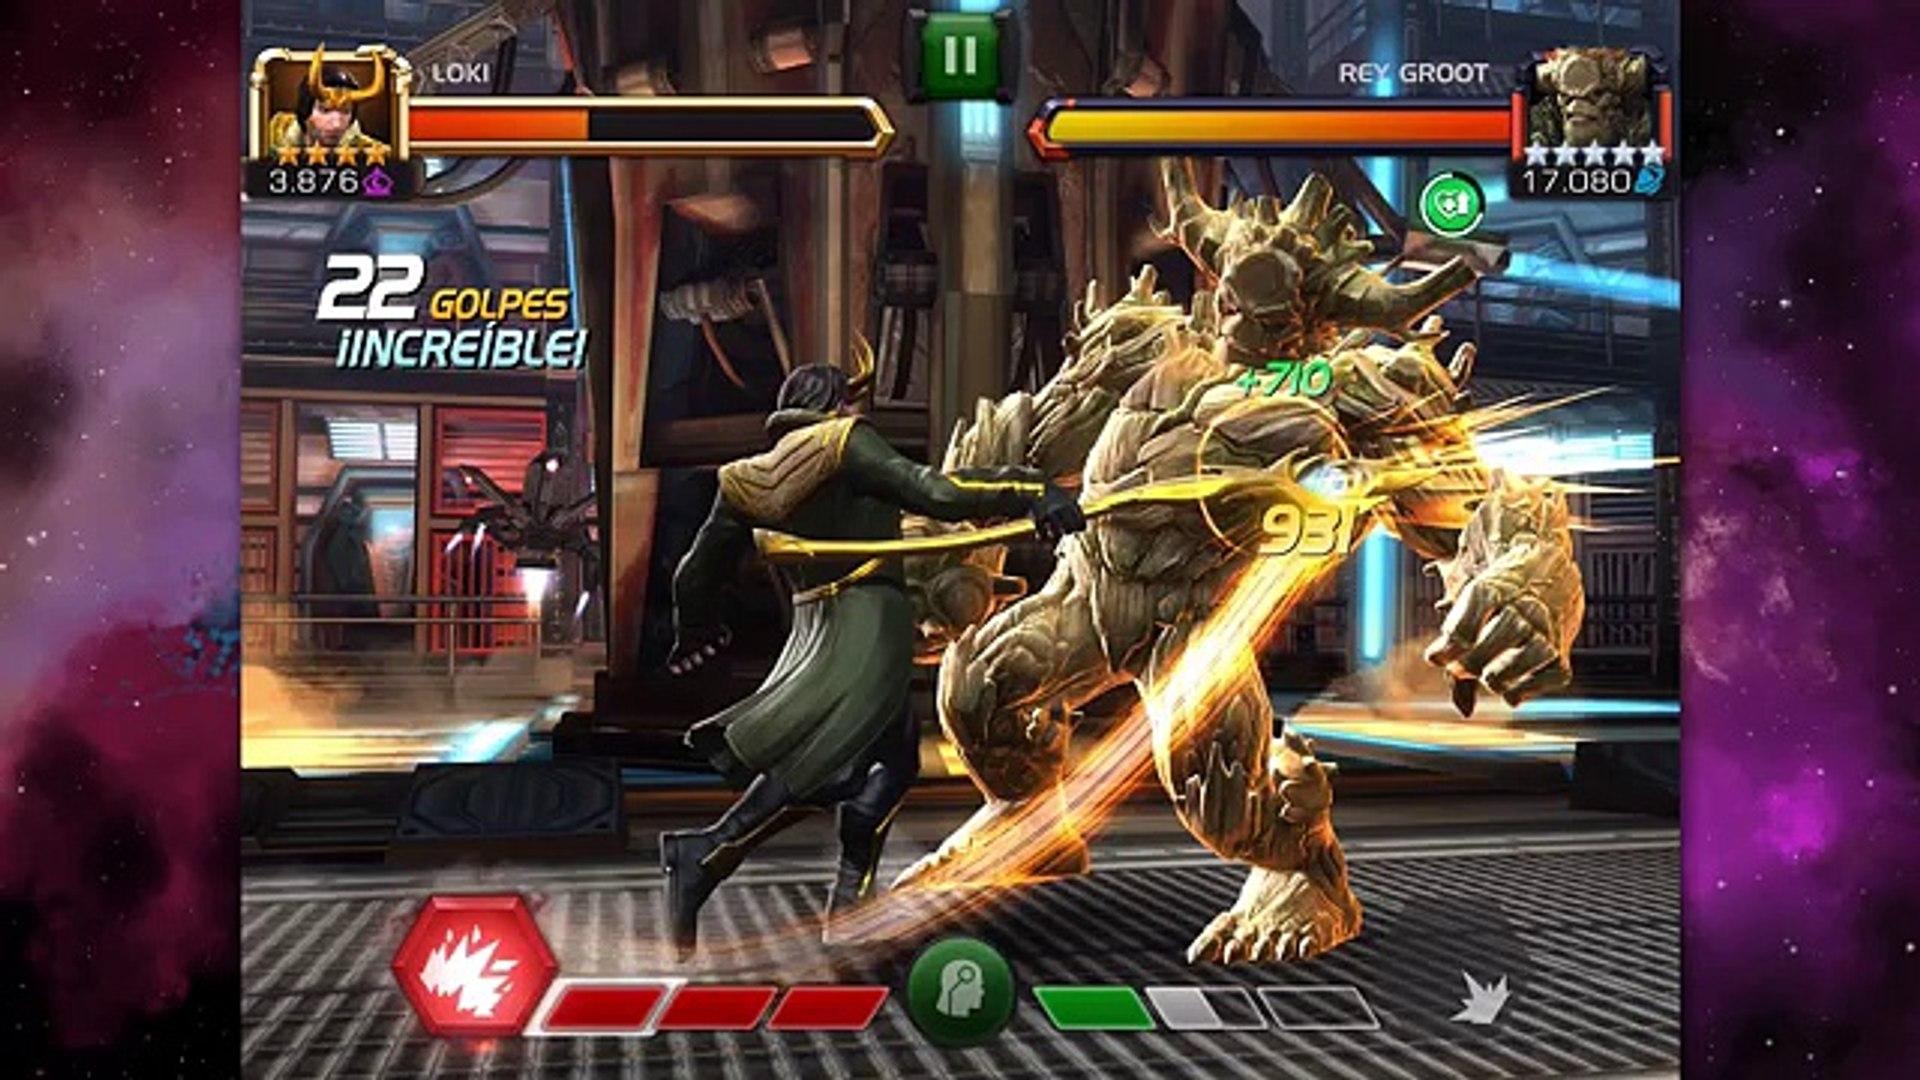 Como Matar a King Groot | Marvel Batalla de Superheroes | EXPERTO